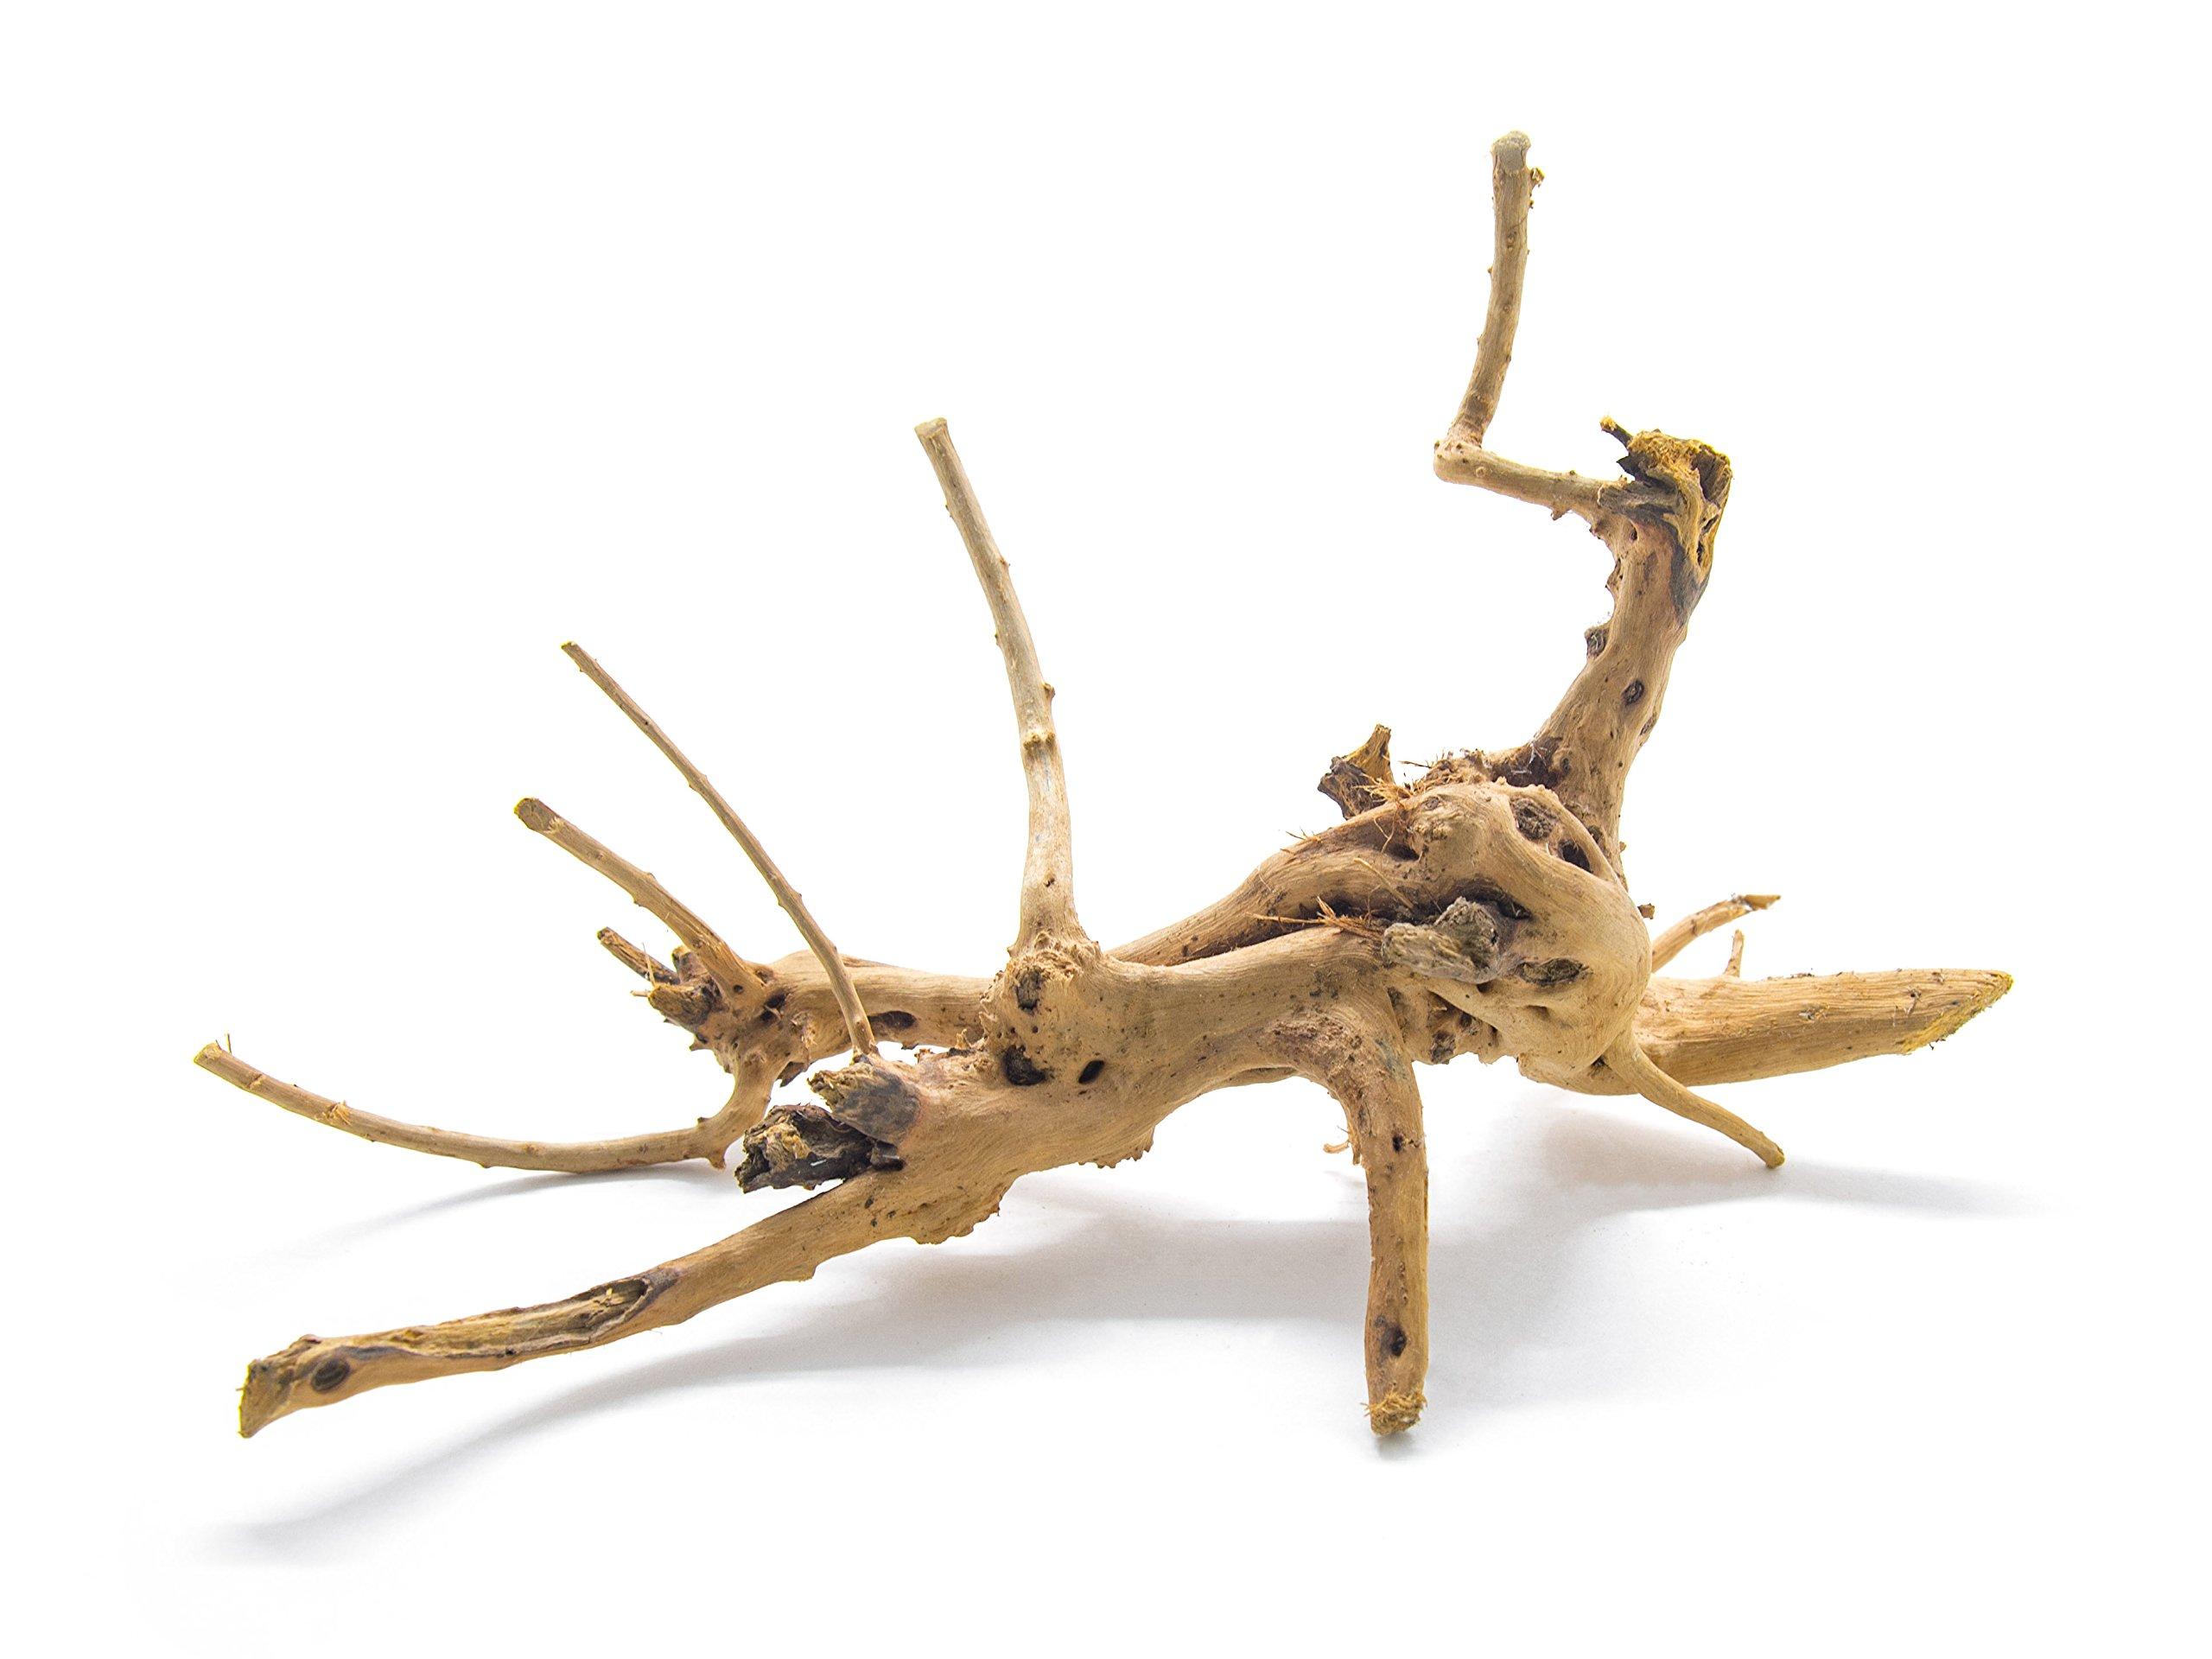 Aquatic Arts 1 Nano Piece of Spider Wood aka Azalea Natural Aquarium Driftwood, 4-6'' by Aquatic Arts